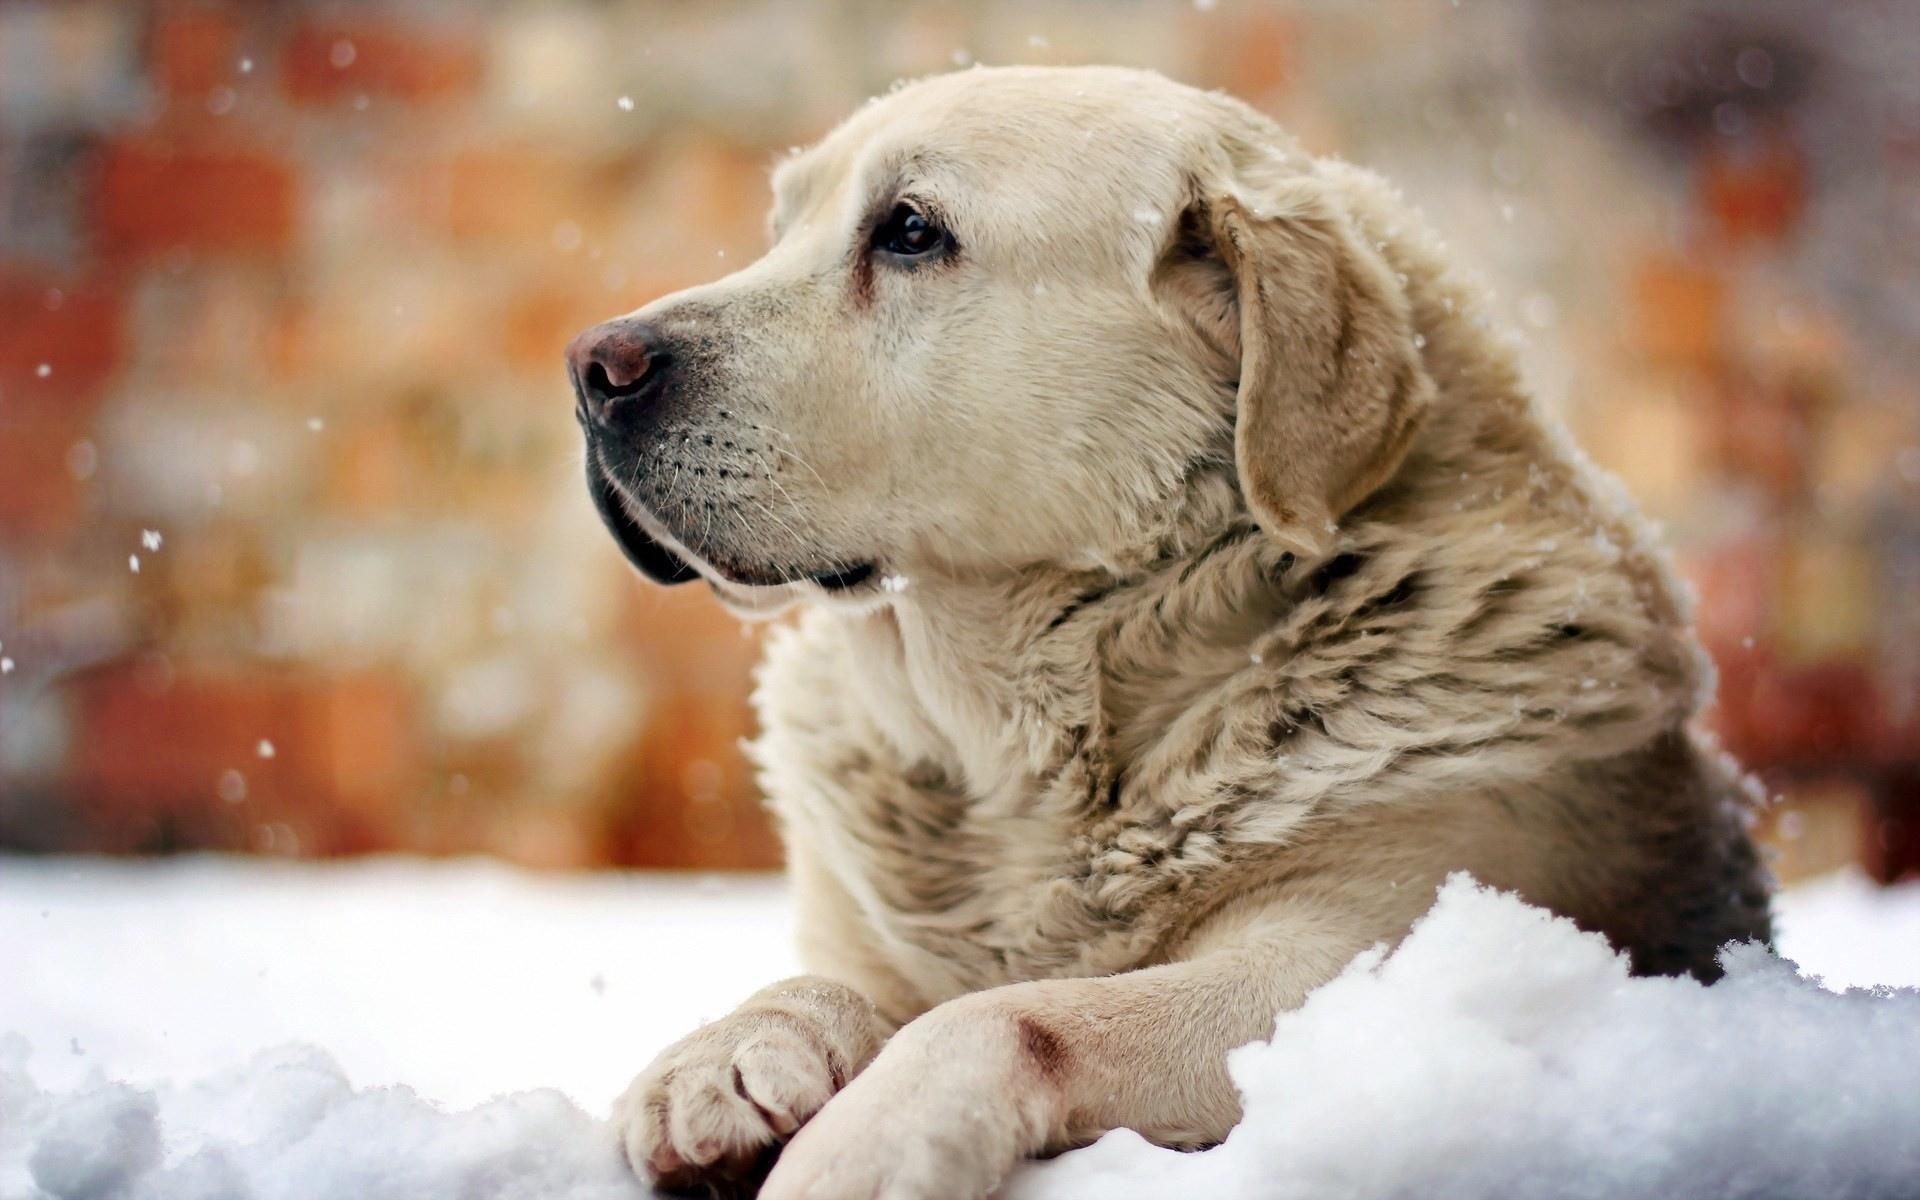 природа белая собака животное улыбка  № 1423906 загрузить